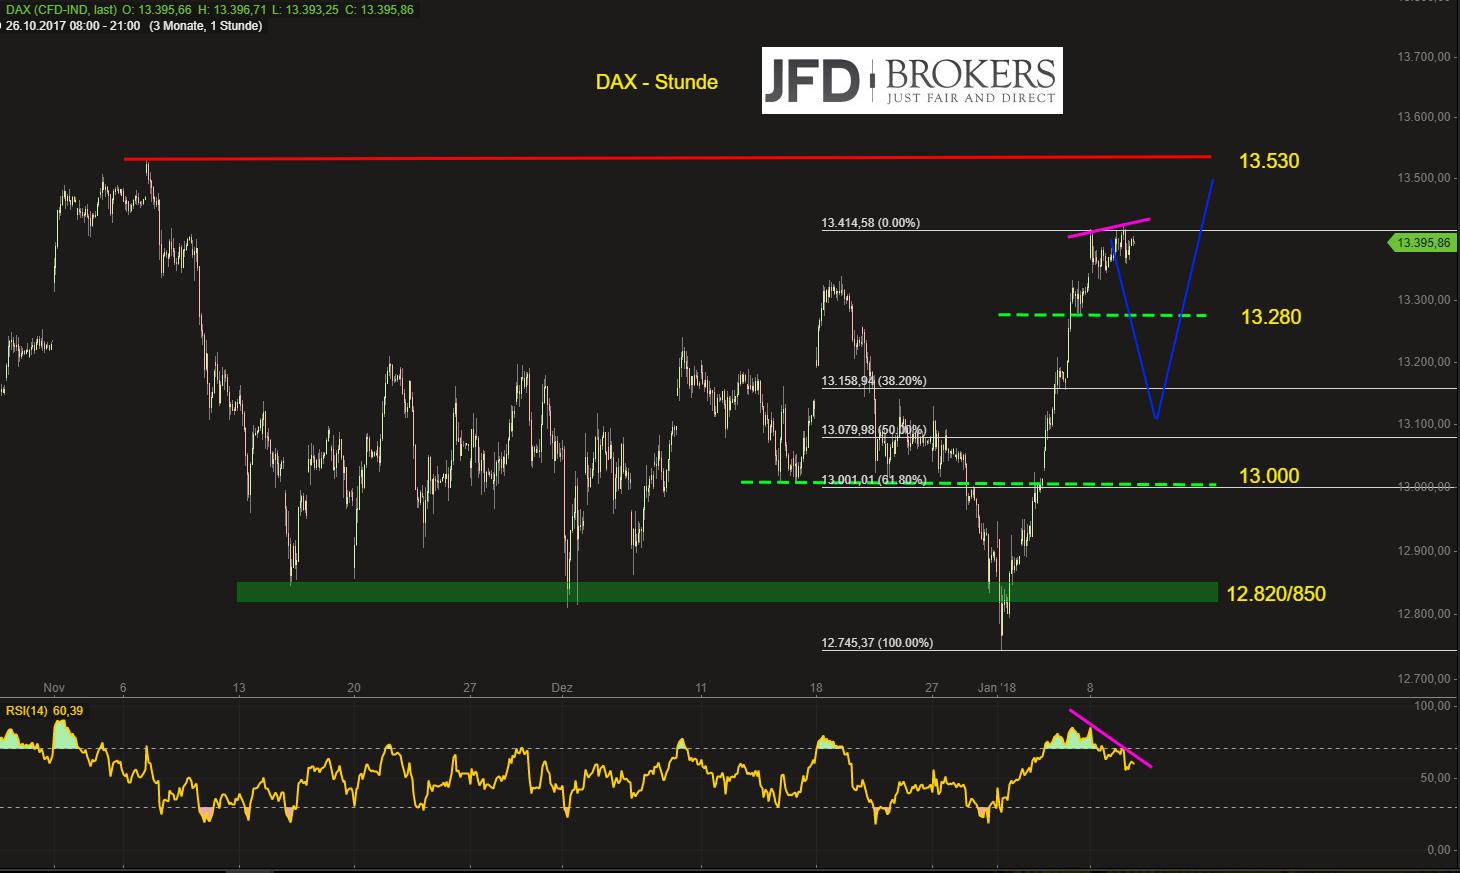 DAX-bastelt-auf-der-Stunde-an-bearisher-Divergenz-kleine-Korrektur-voraus-Kommentar-JFD-Brokers-GodmodeTrader.de-2